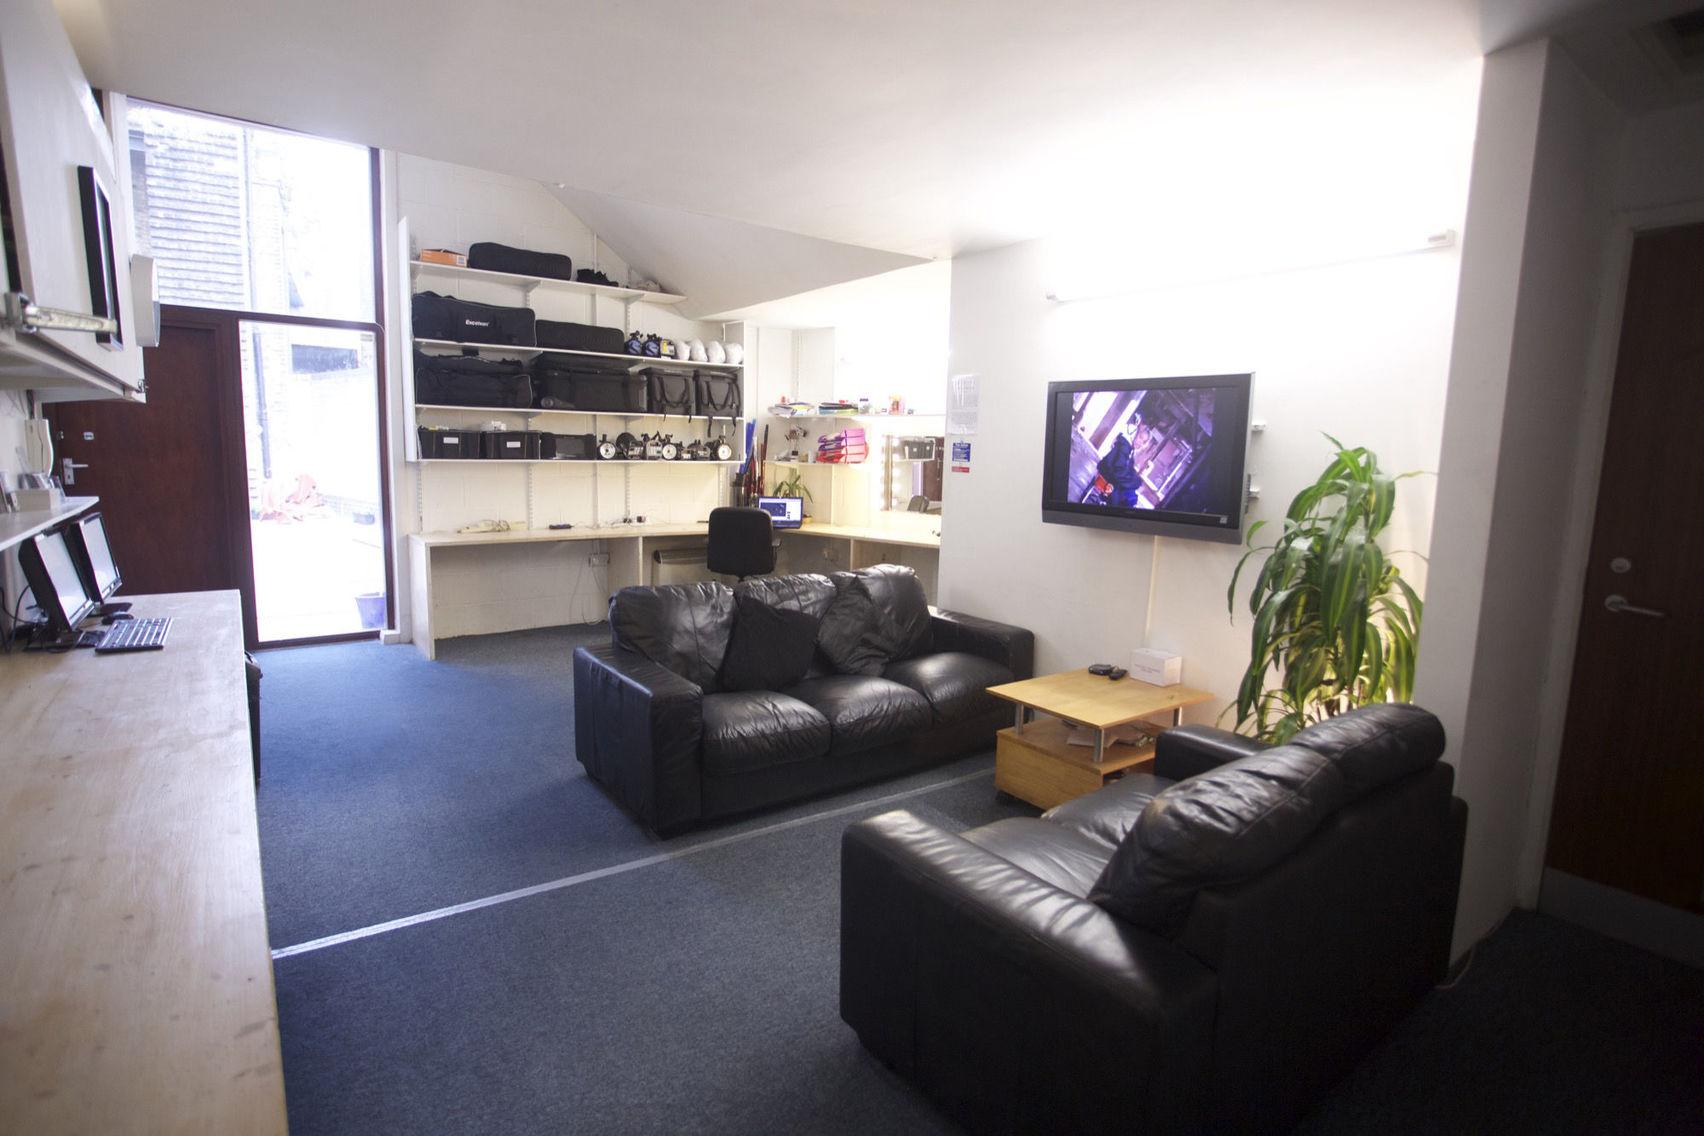 Salon, Studio 1, Studio 2, Lounge & Yard, Studio 101